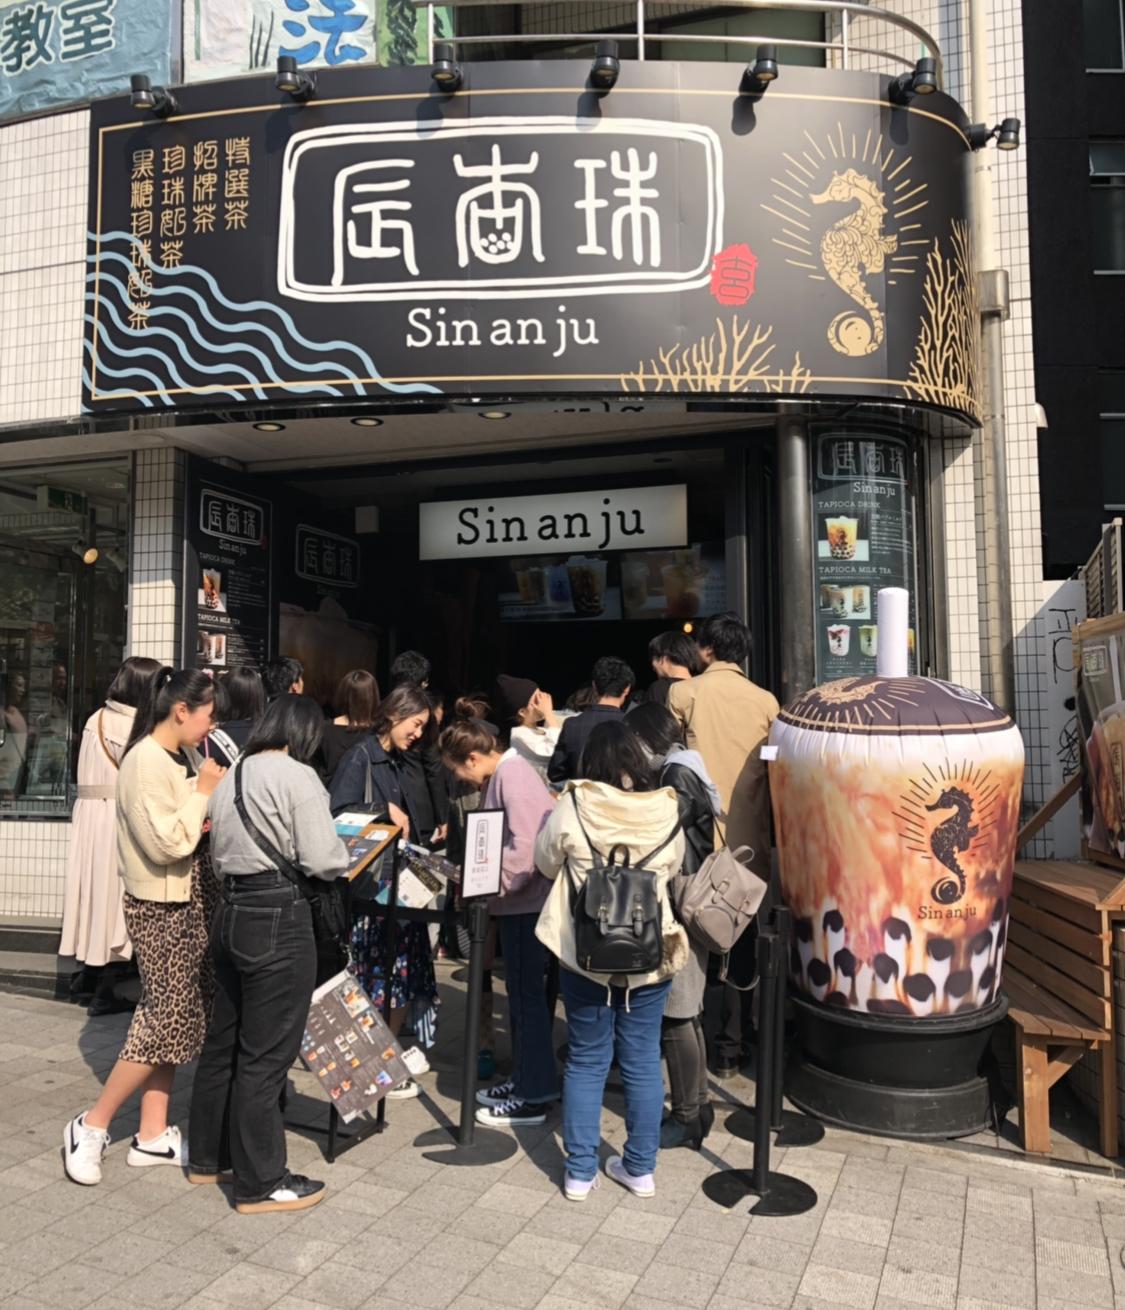 東京で人気のタピオカ店特集 - ゴンチャ、ジアレイ、春水堂など人気店や注目の新店も!_45